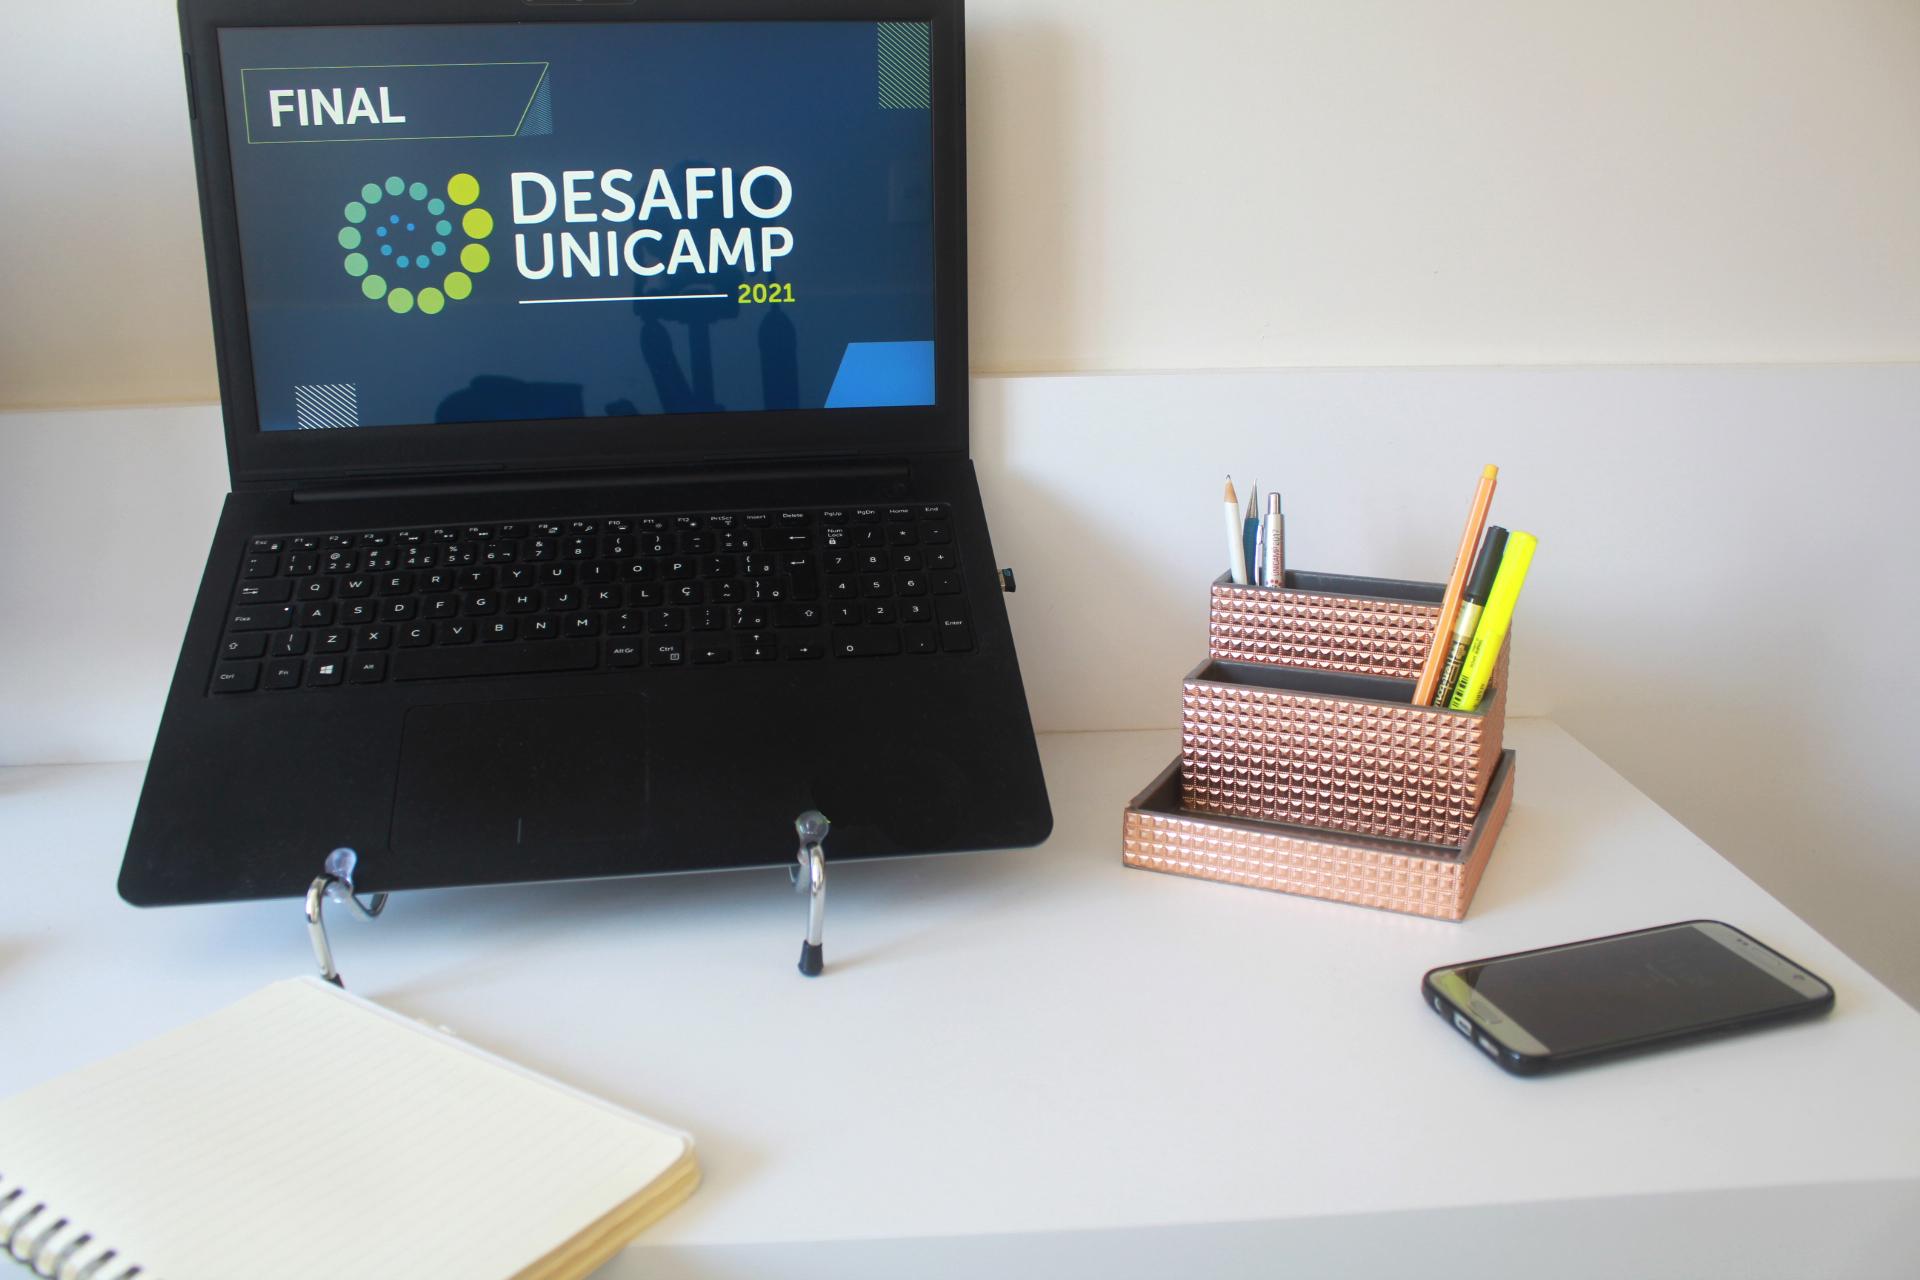 Mesa com tela de computador escrito Final Desafio Unicamp, caderno, porta lápis e celular.